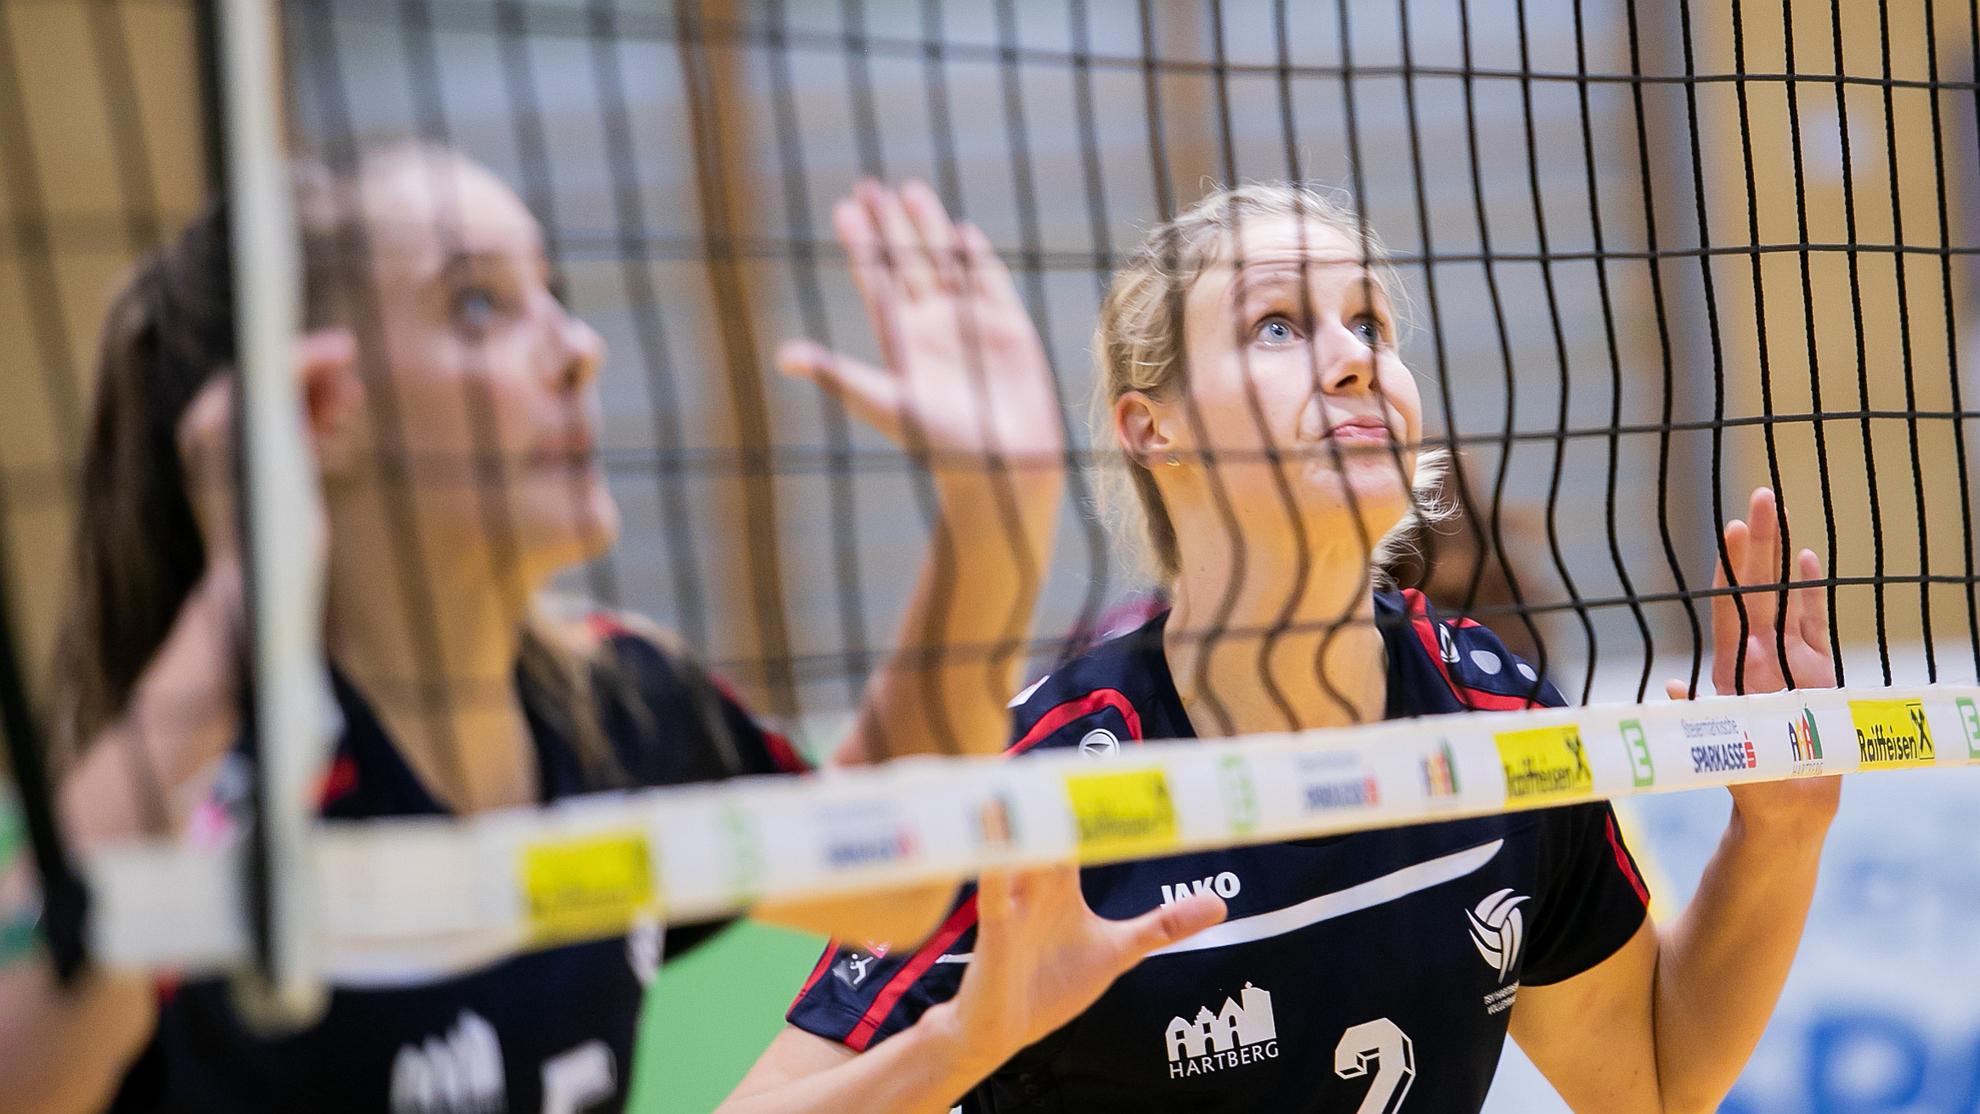 TSV Sparkasse Hartberg - FOTO © GEPA pictures/Jennifer Vass